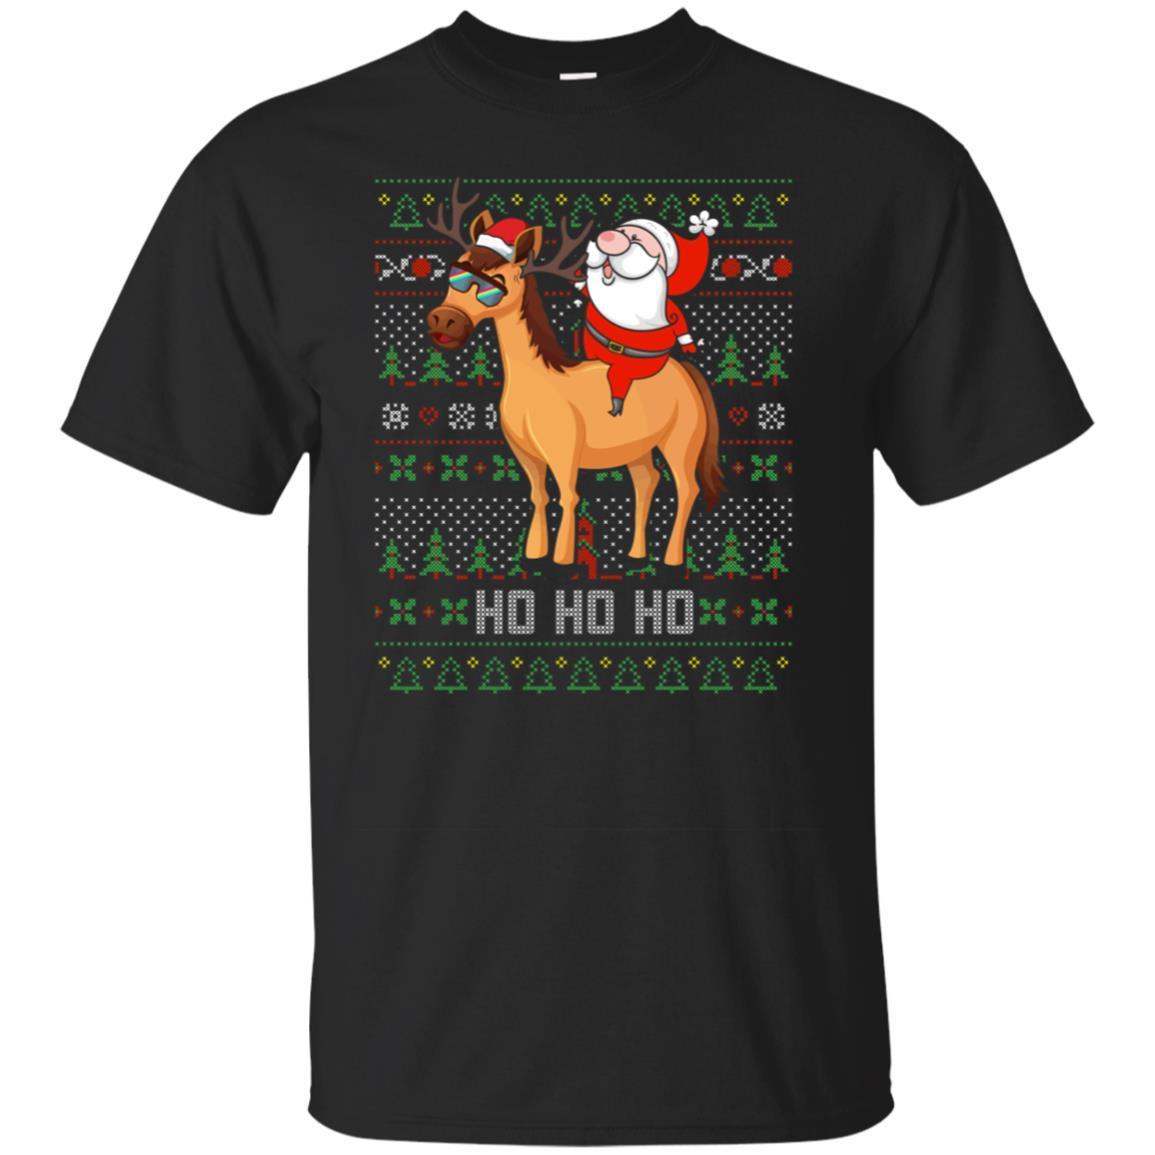 Santa Riding Horse Hohoho Xmas Gift Tshirt